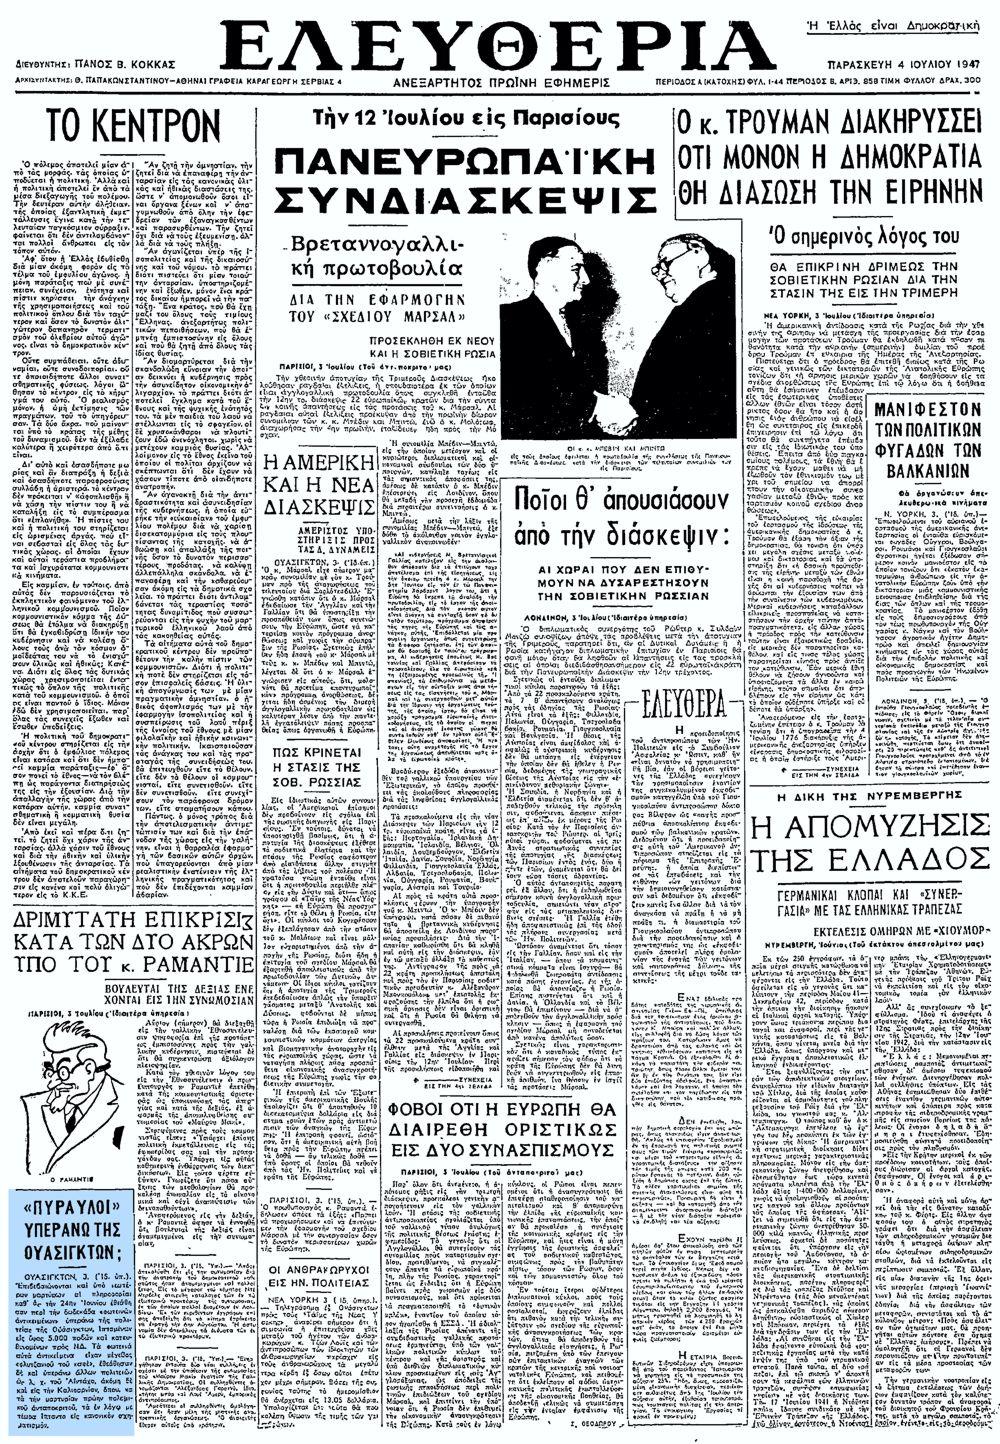 """Το άρθρο, όπως δημοσιεύθηκε στην εφημερίδα """"ΕΛΕΥΘΕΡΙΑ"""", στις 04/07/1947"""